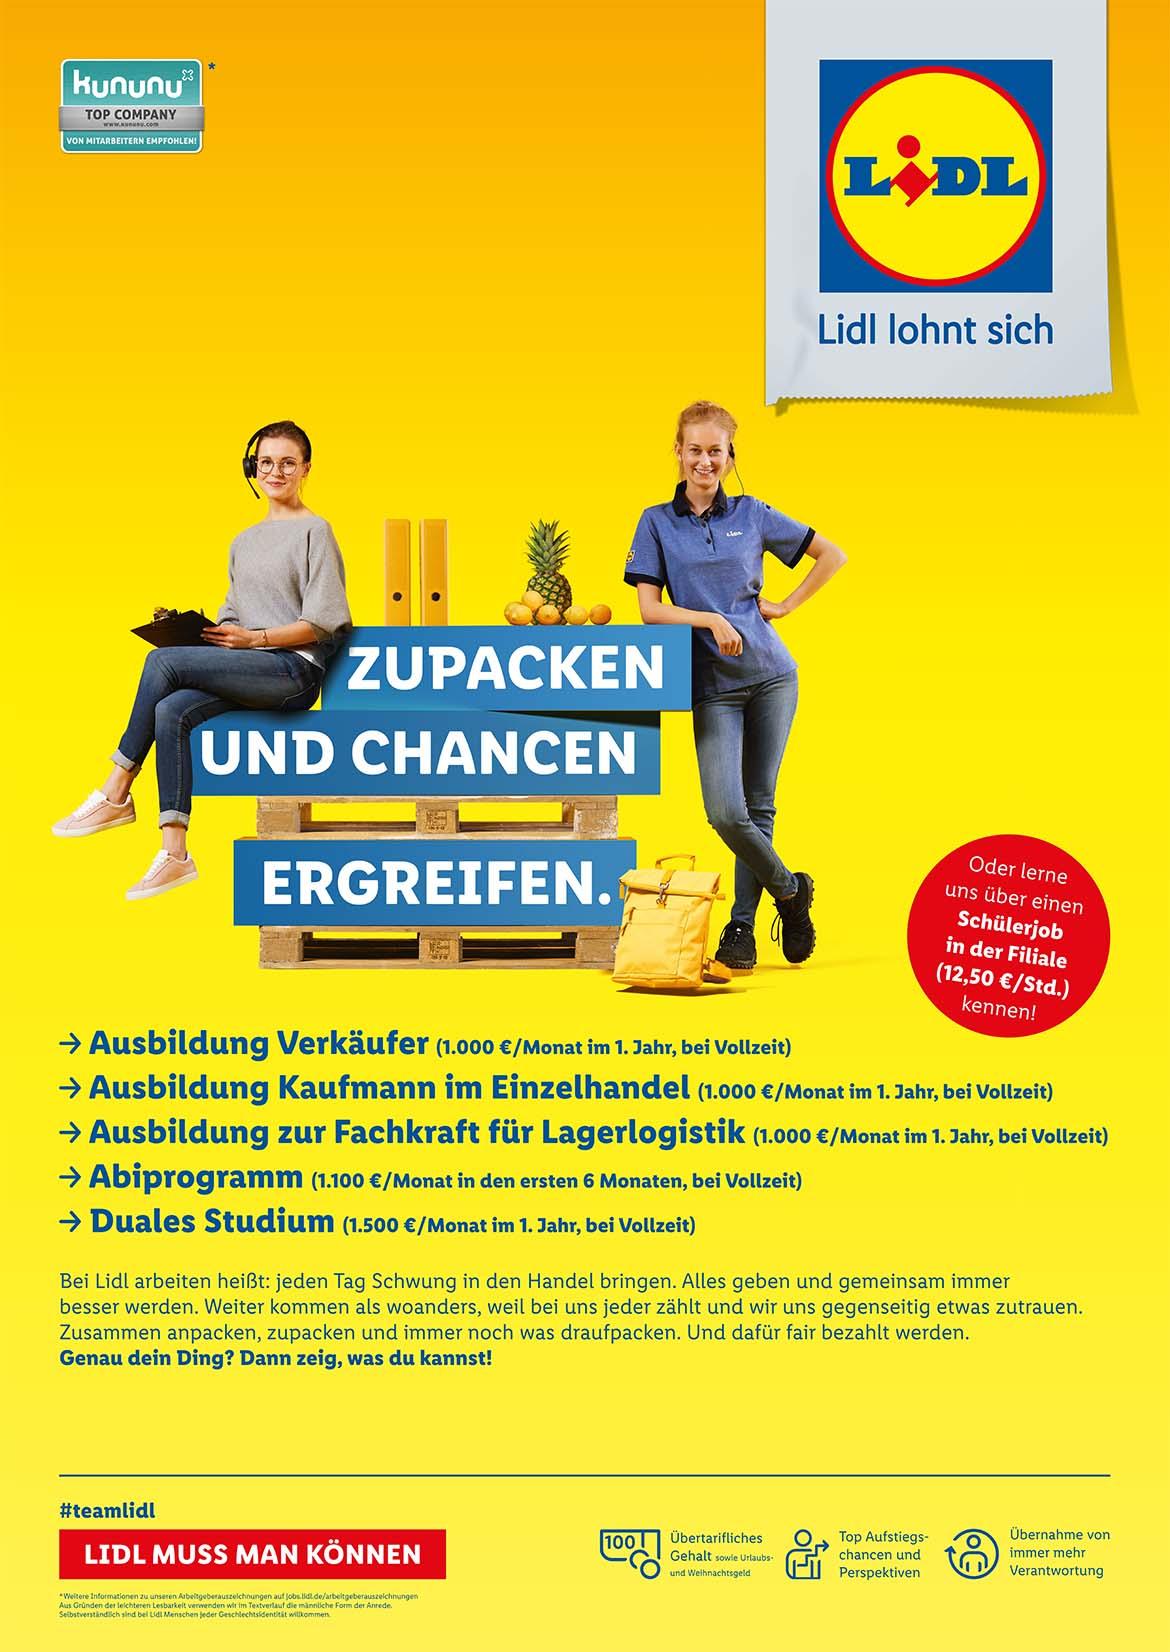 Ausbildungsplakat: Lidl Vertriebs. GmbH & Co. KG Essen